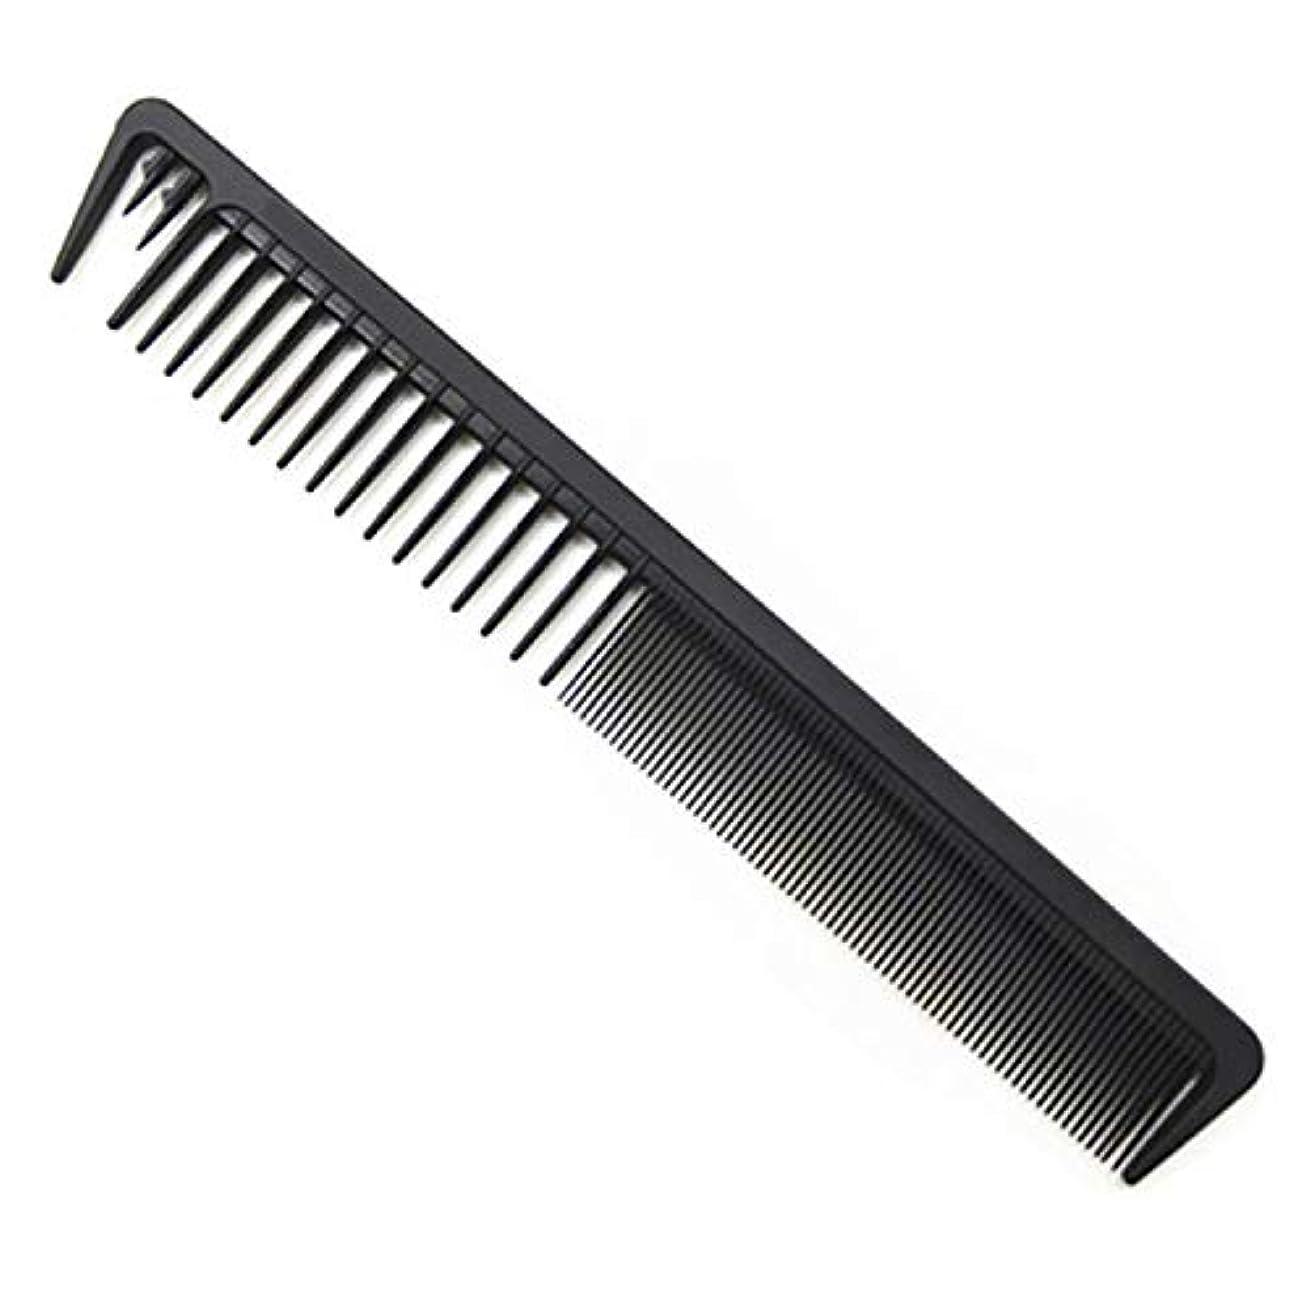 スラム承知しました私たちカットコーム 櫛 おやれなヘアくし 美容師用 ヘアケア 静電気防止 プロ用カットコーム ウェット ドライ兼用